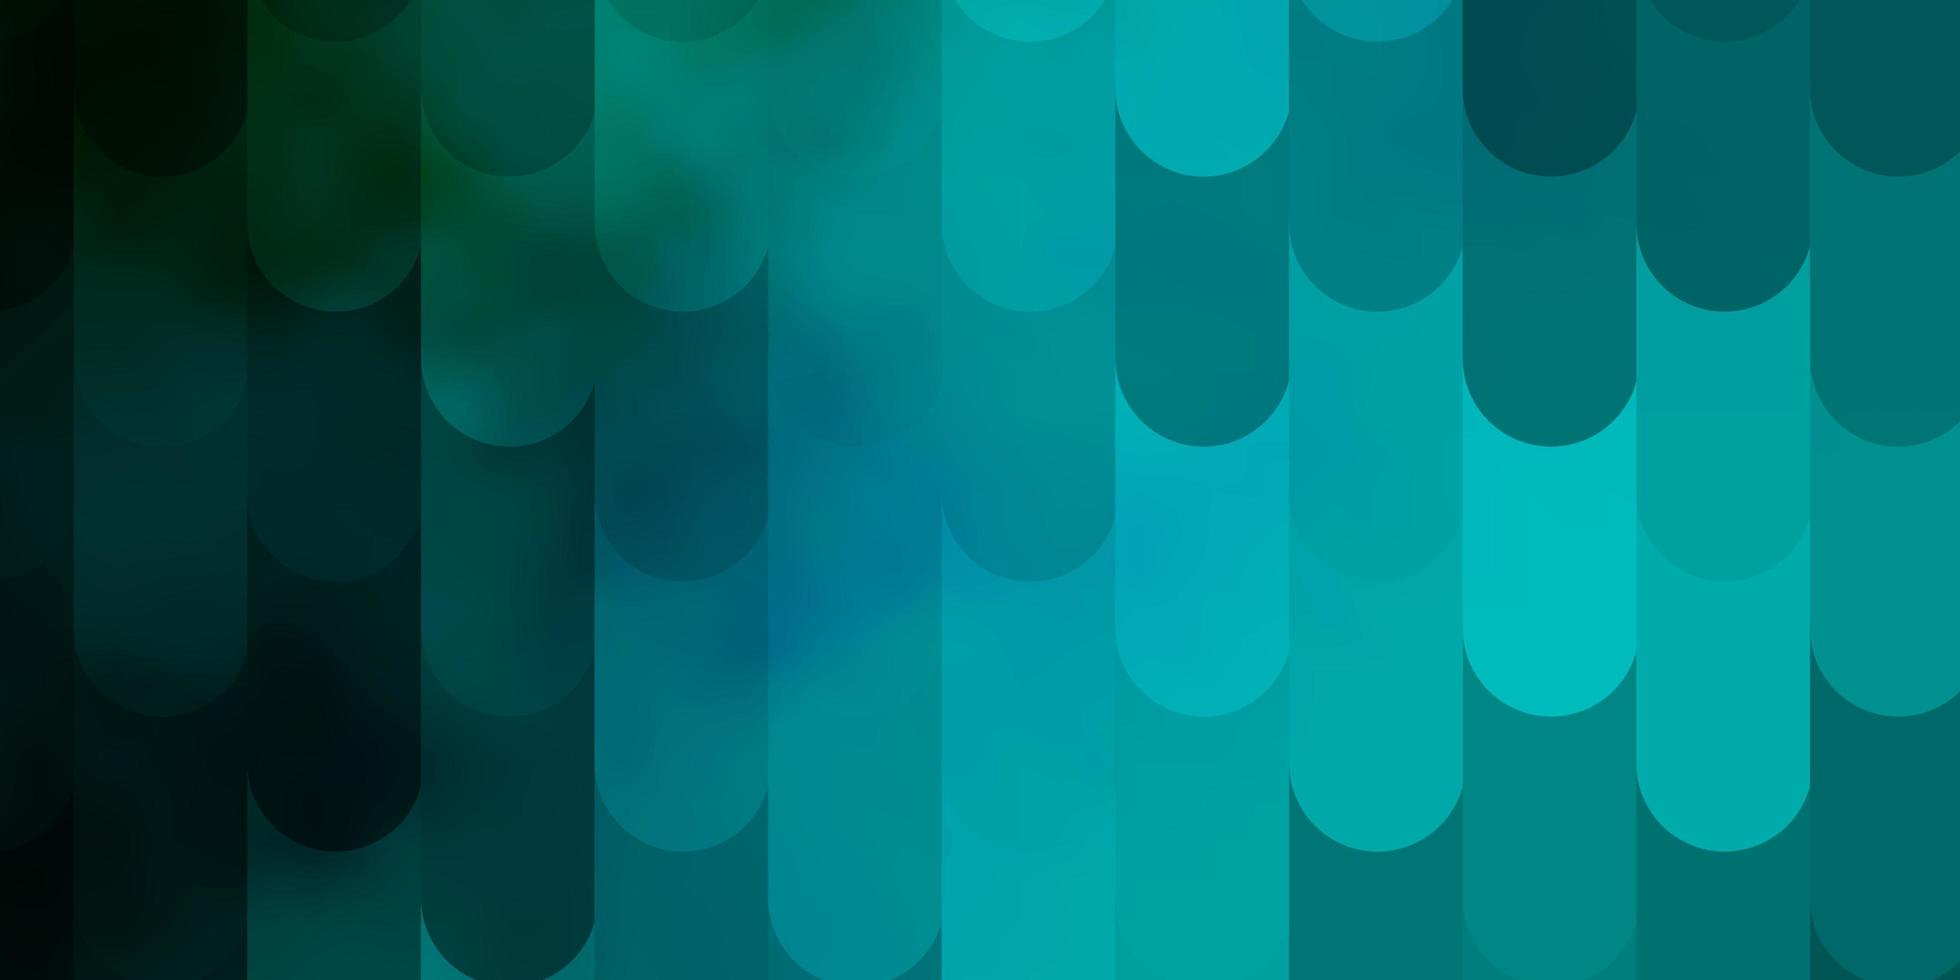 hellblaue, grüne Vektortextur mit Linien. vektor